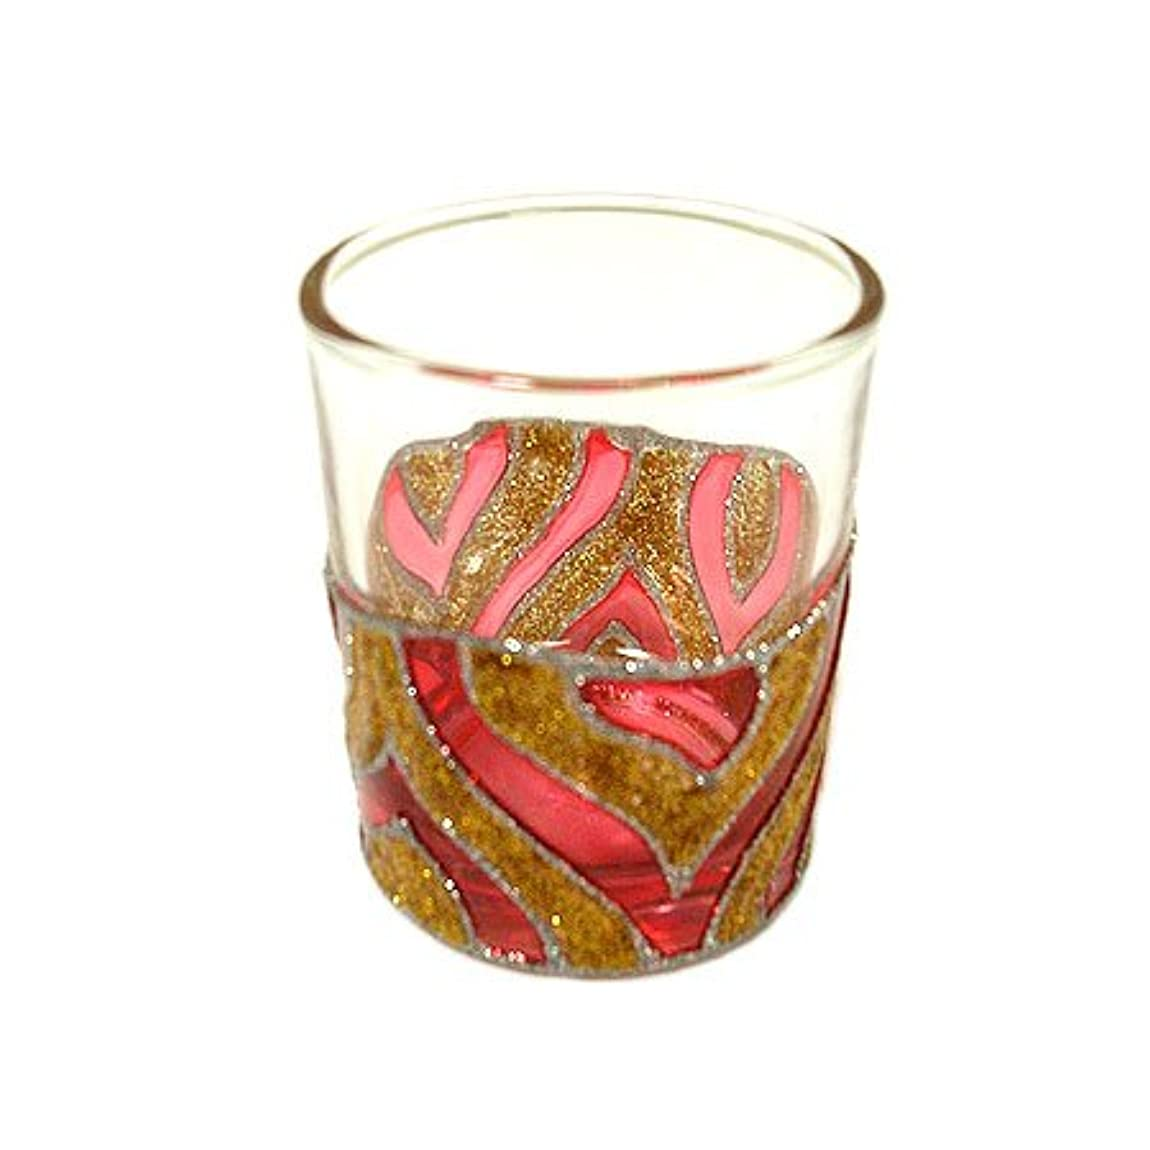 スリーブ特徴引き算アジアン キャンドルホルダー カップ グラス 花柄 ゴールドレッド アジアン雑貨